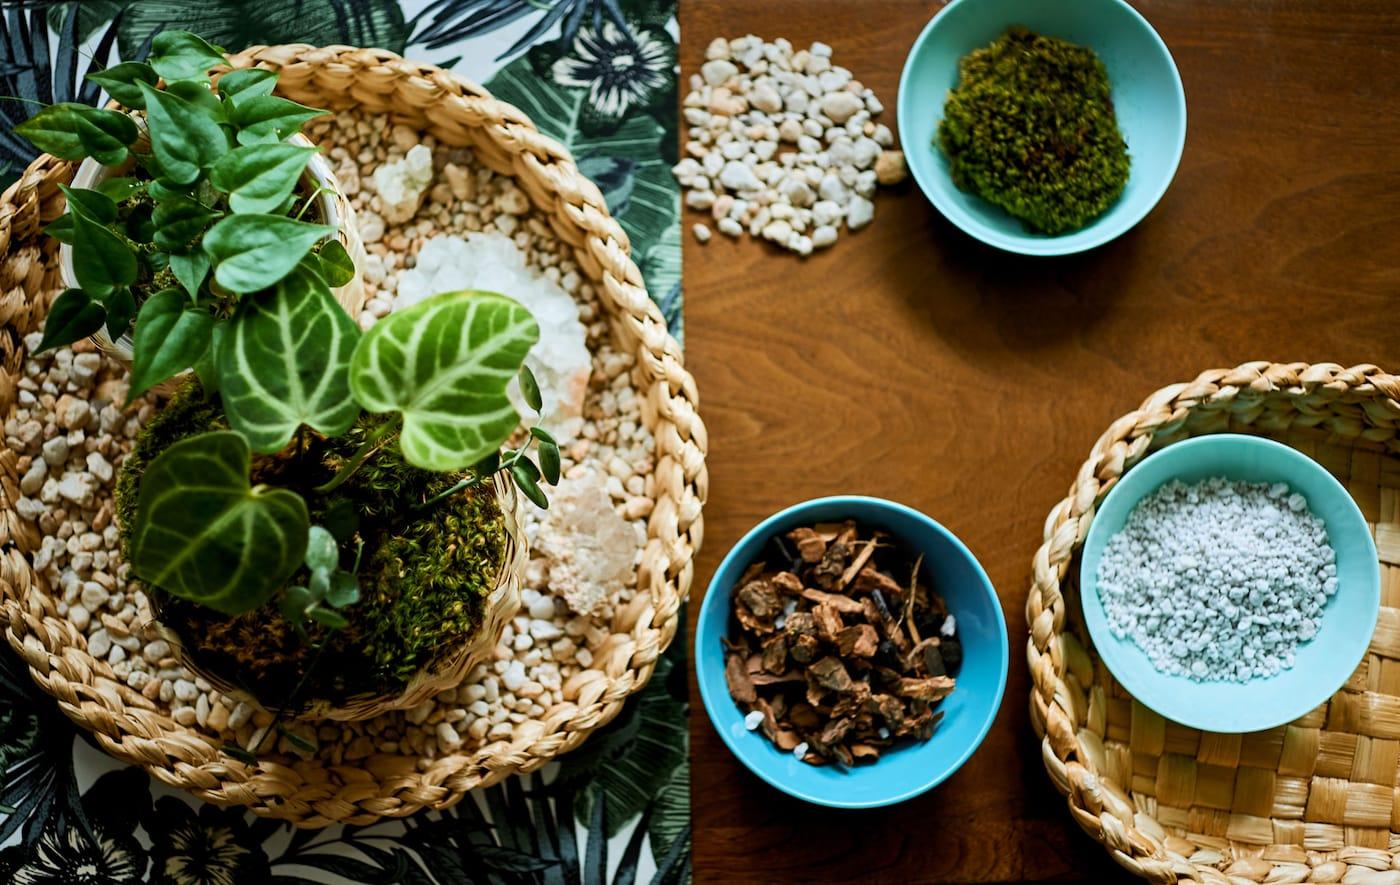 Deska stolu s látkou s květinovým tiskem, podnos s malými květinami, misky s hlínou a pískem